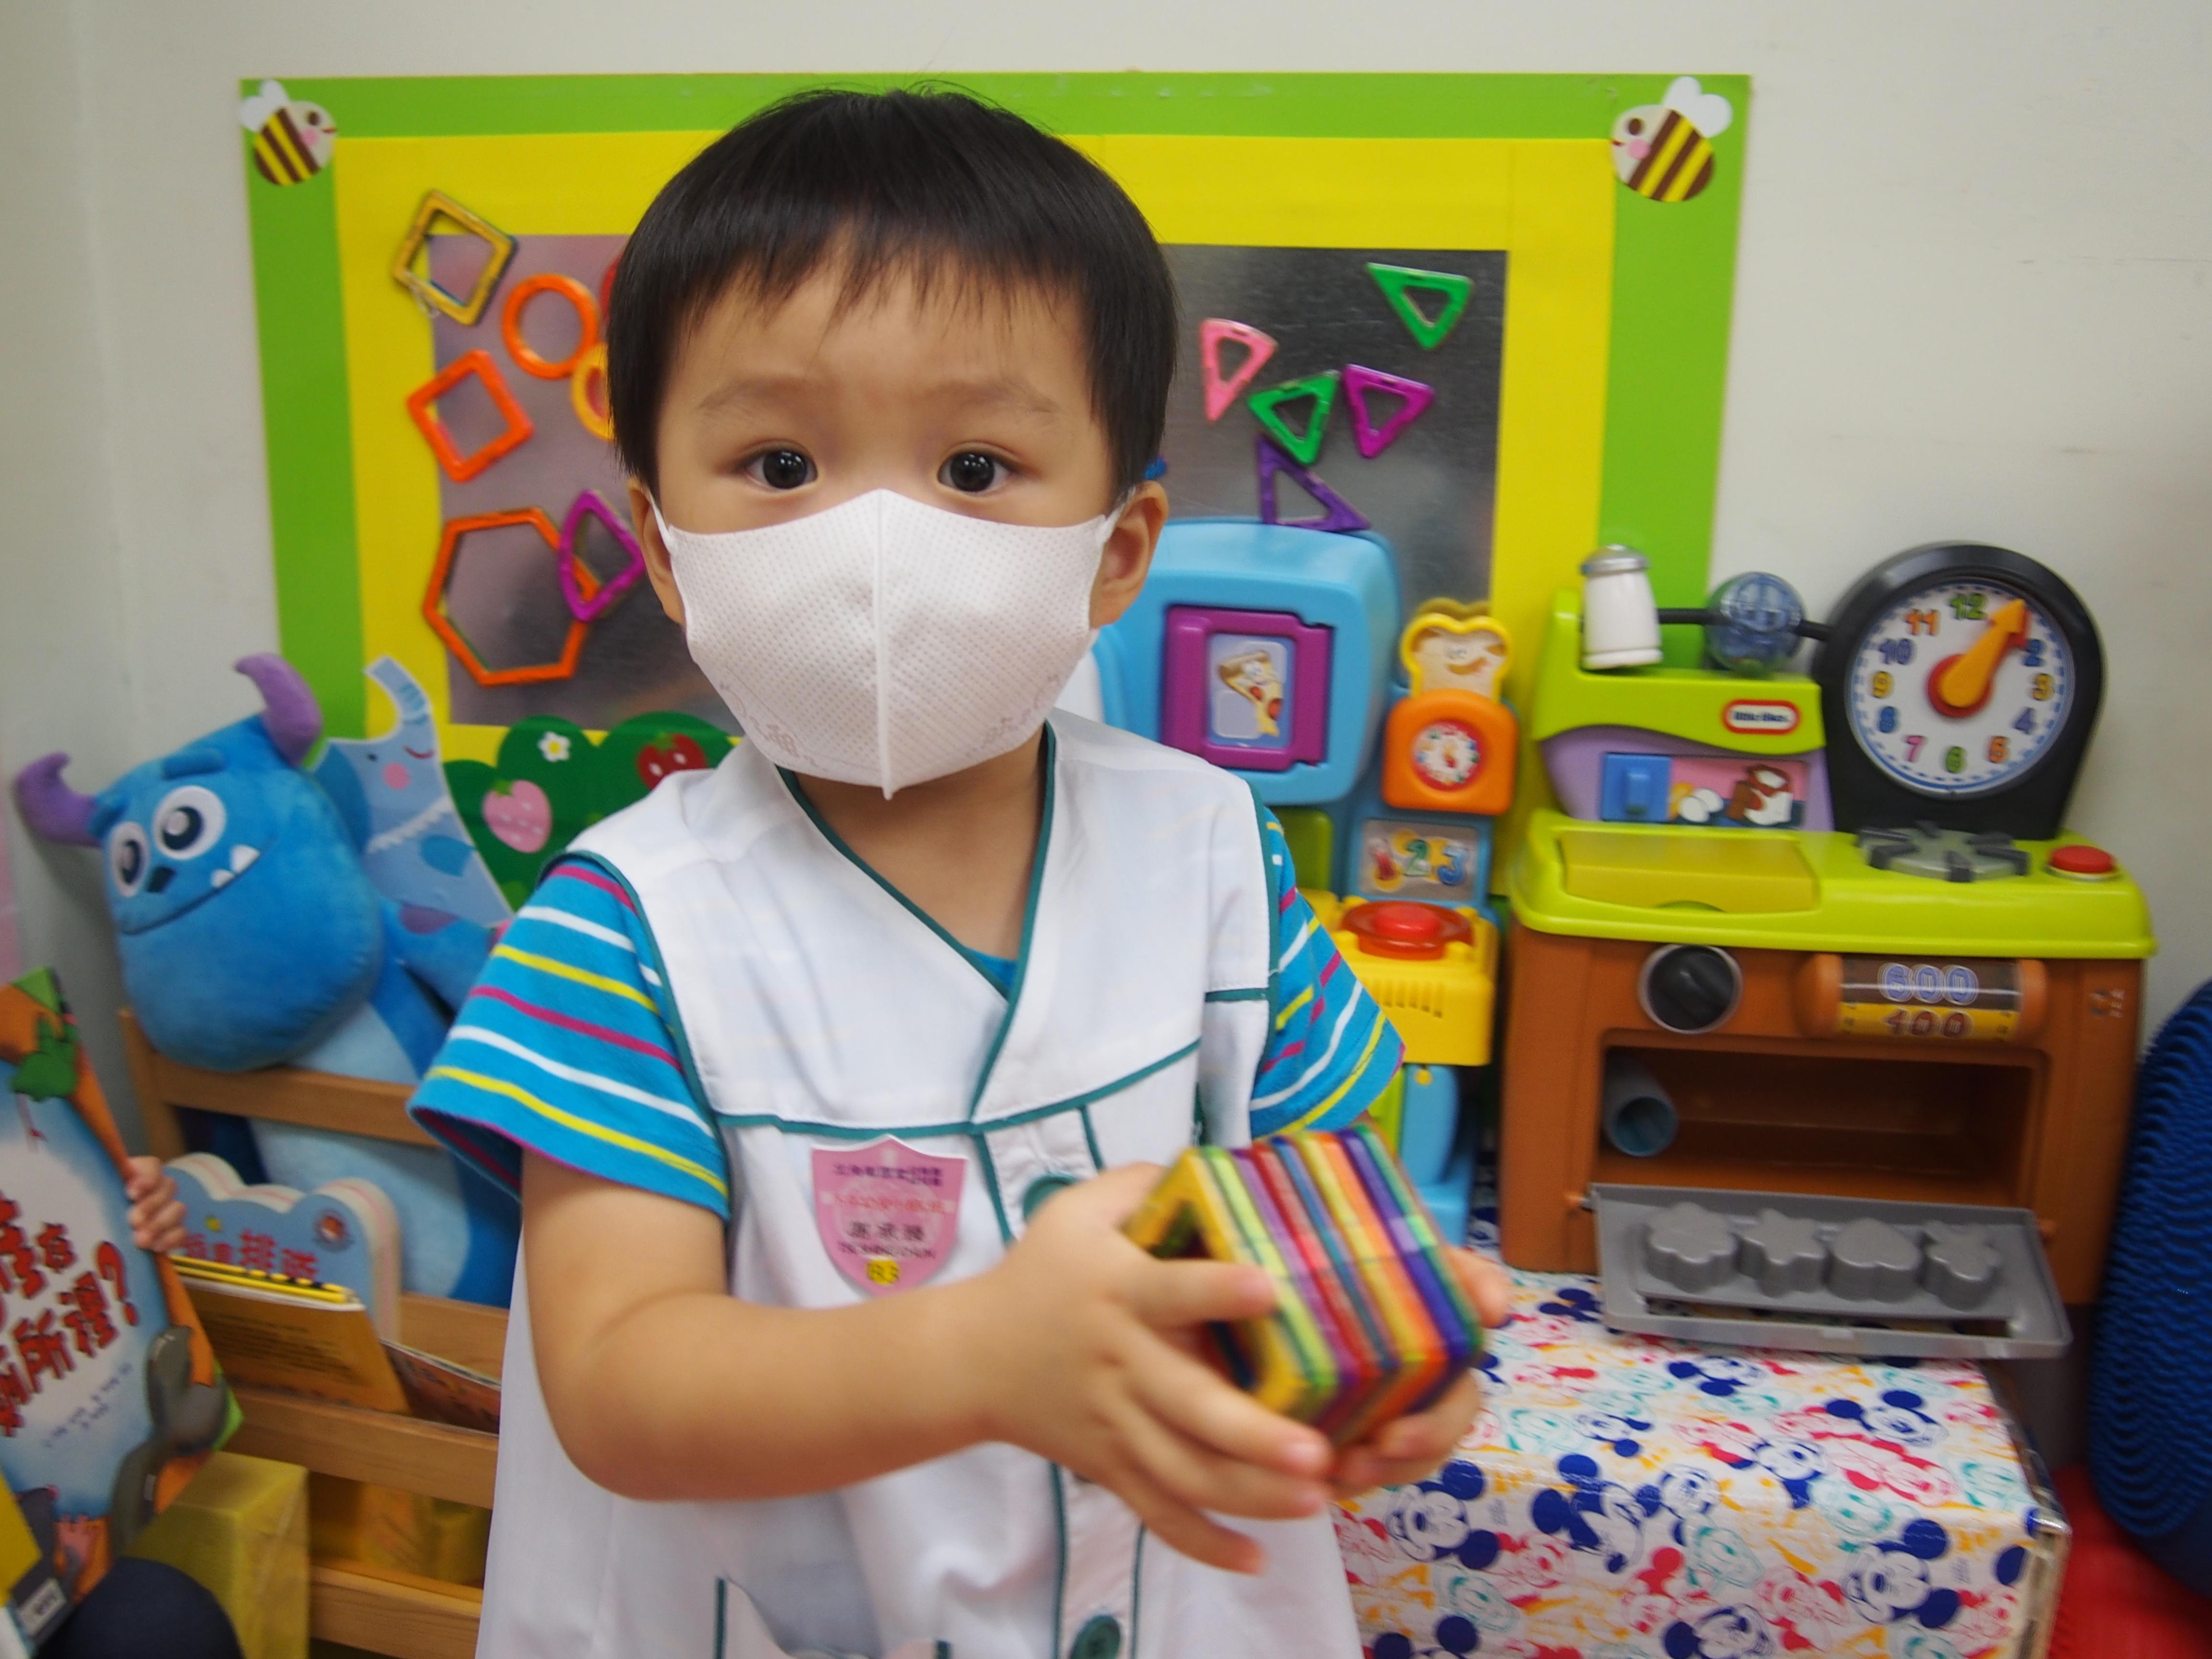 http://npmc.edu.hk/sites/default/files/p1010341a.jpg